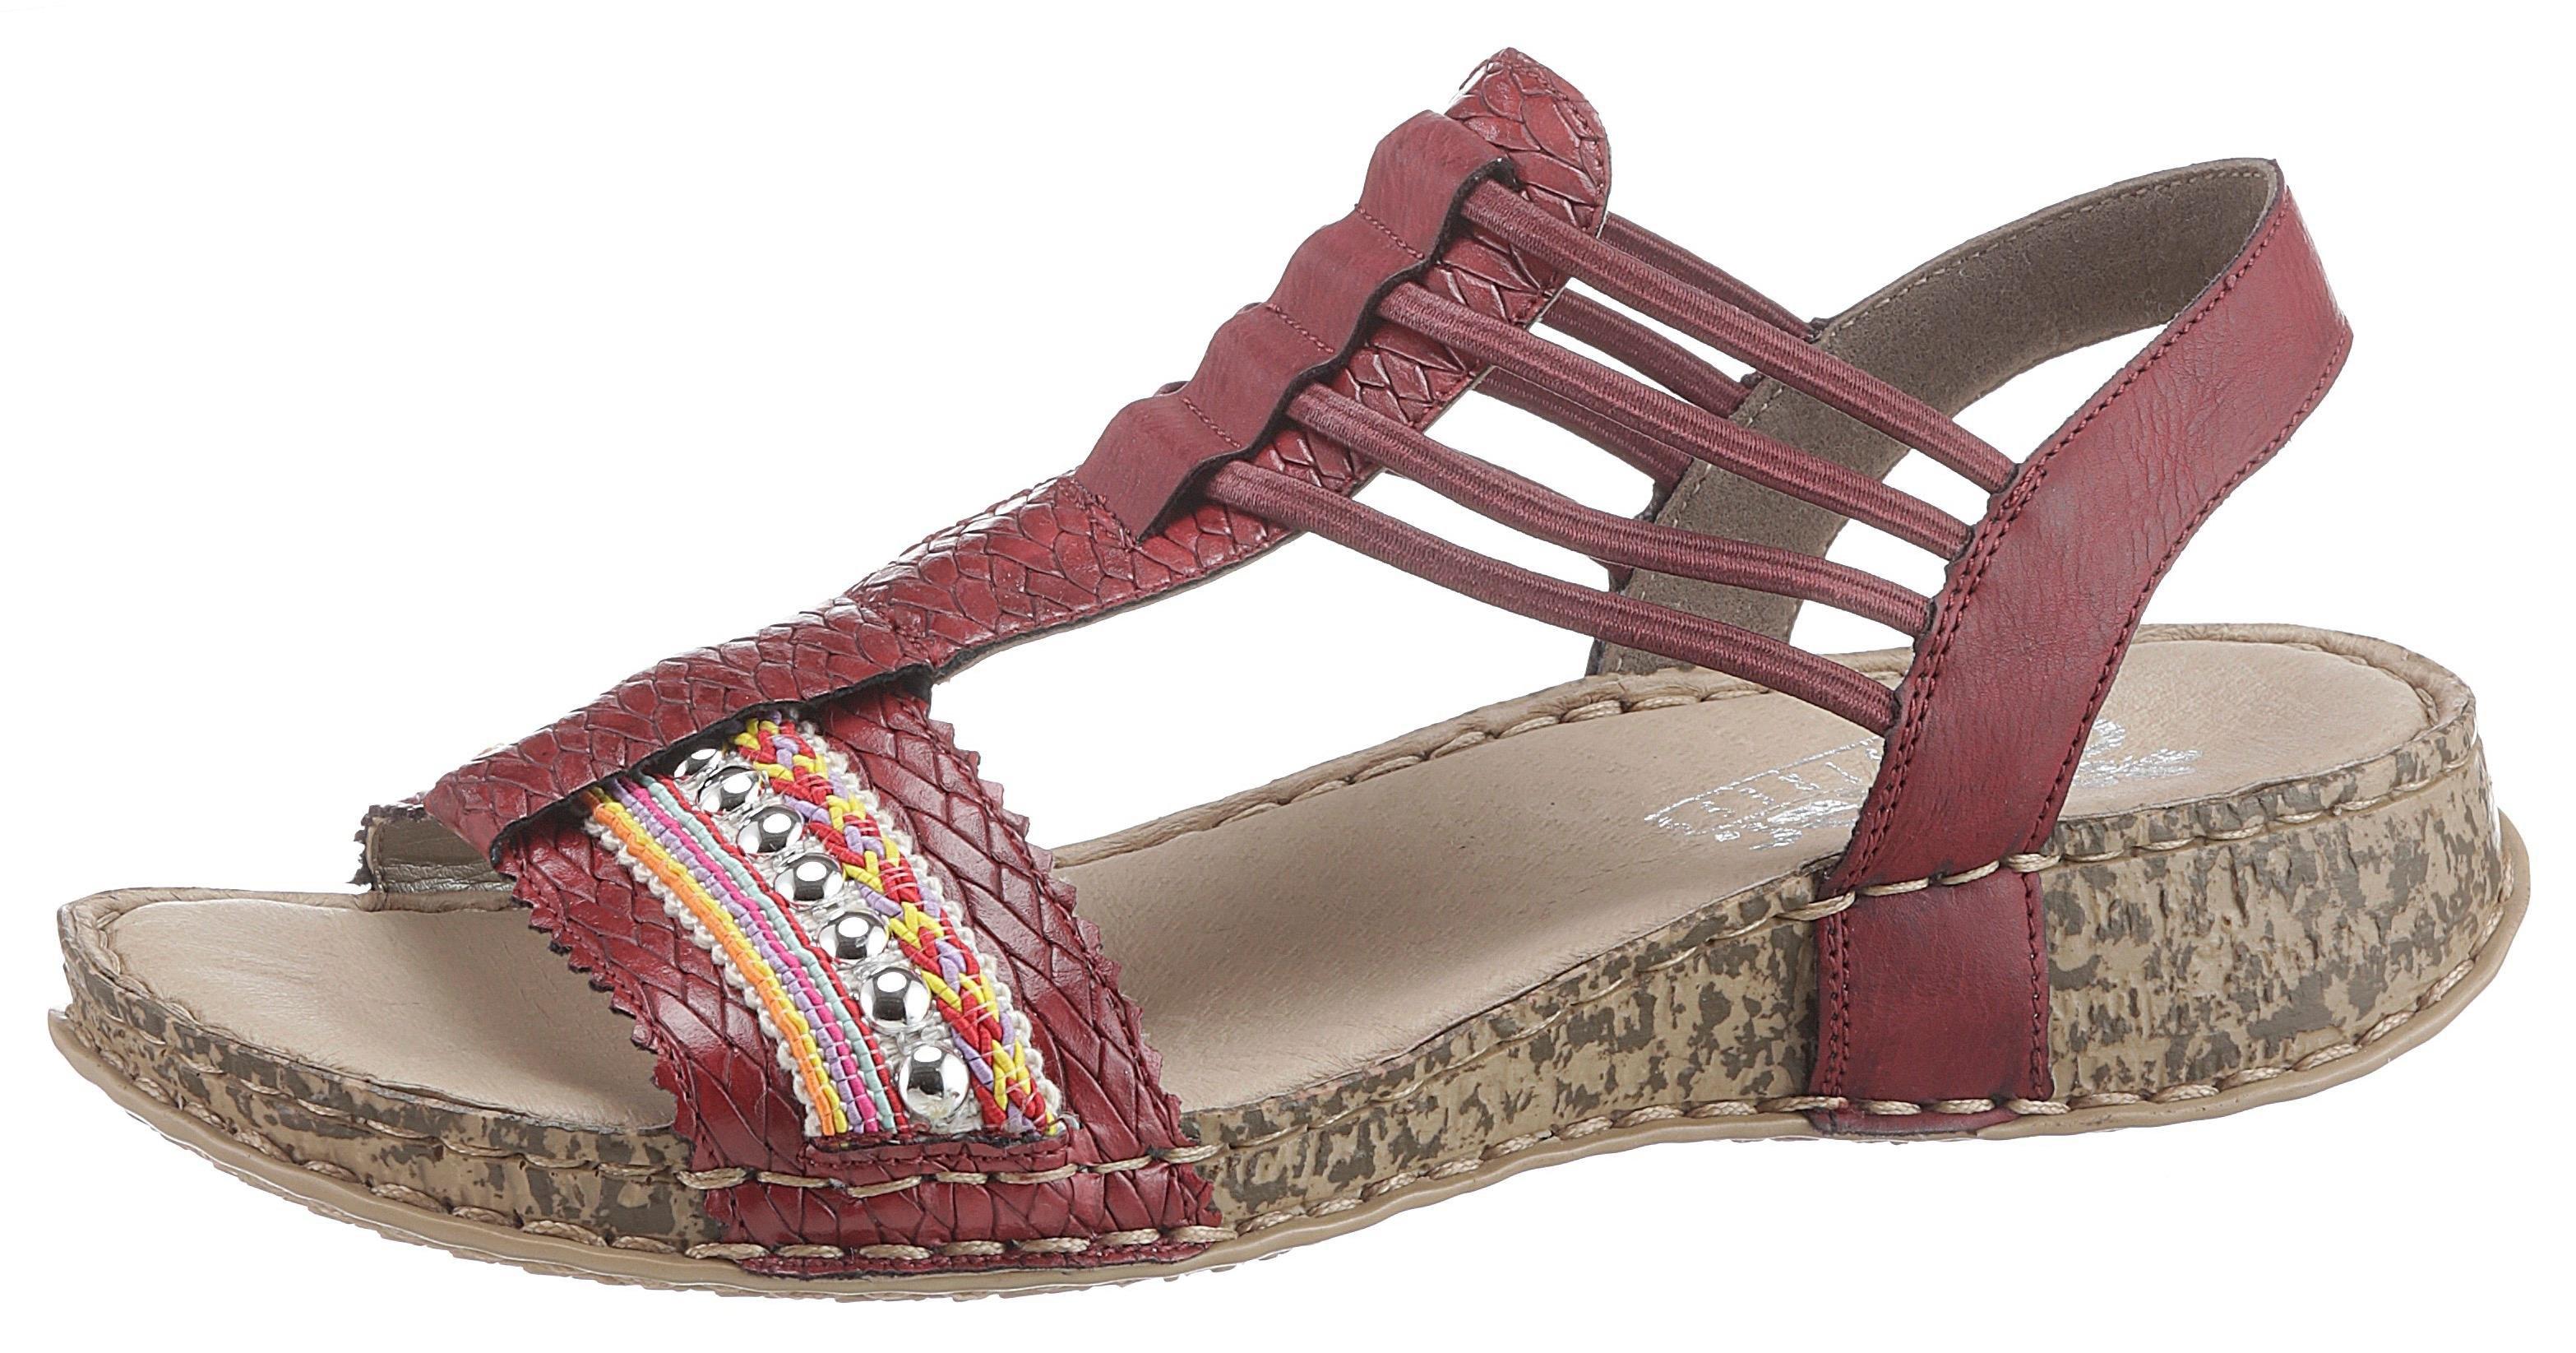 Rieker sandalen voordelig en veilig online kopen